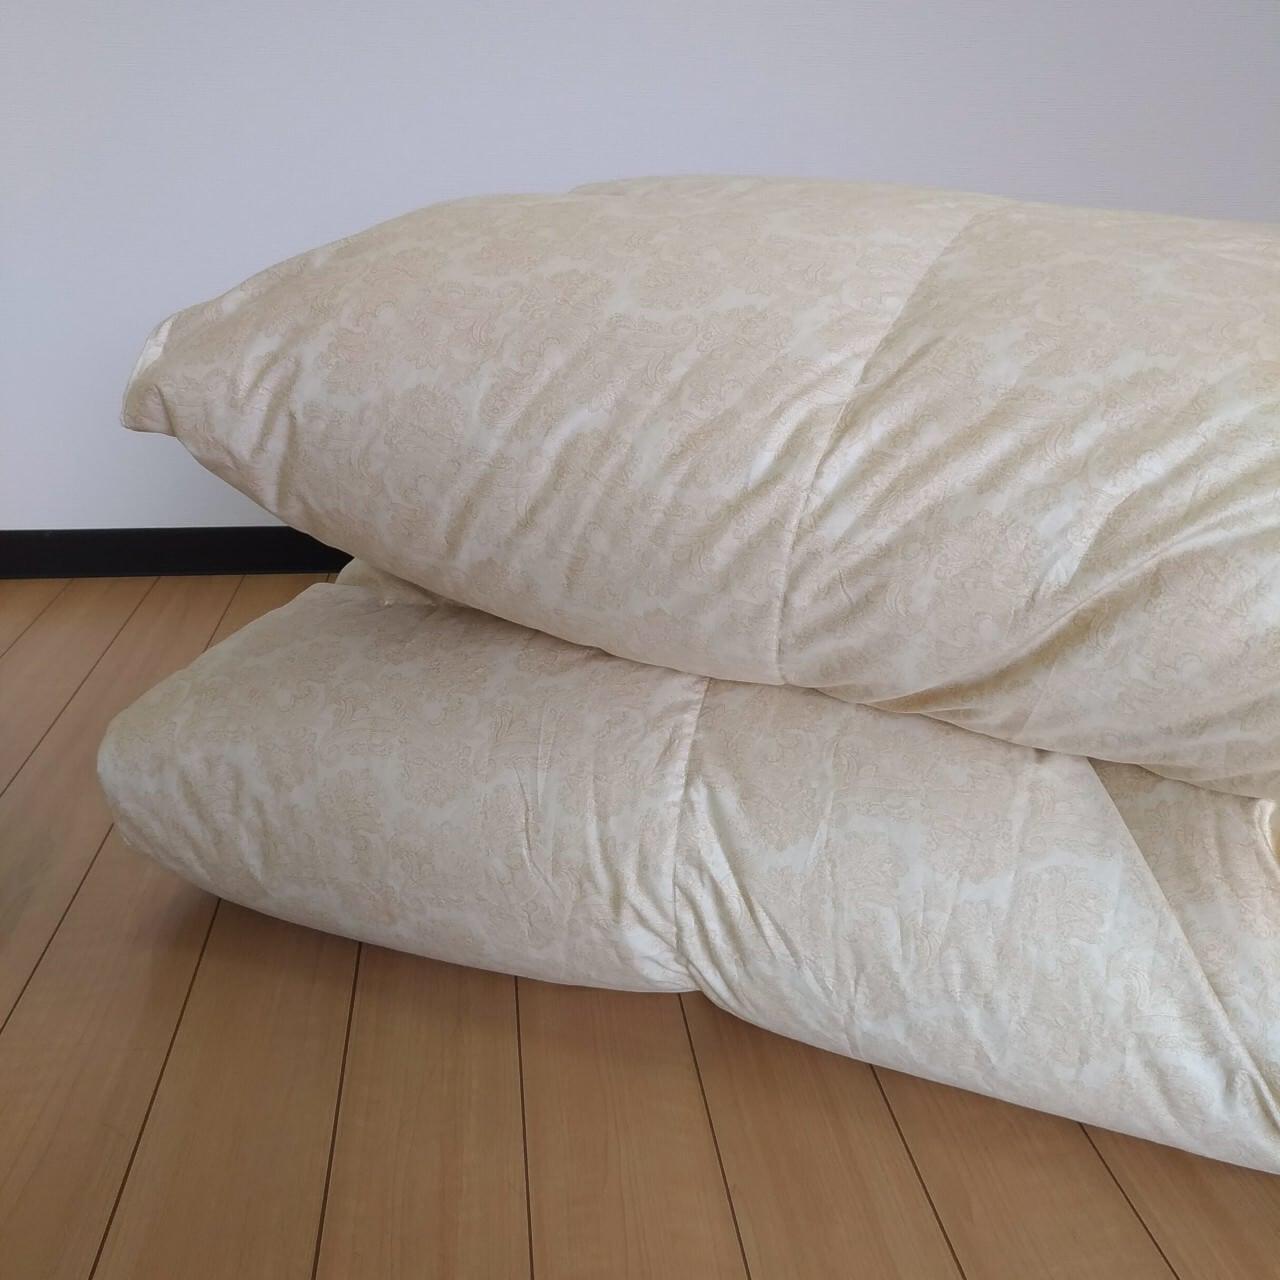 K-羽毛掛ふとん 【マース】 キング カナダマザーホワイトグースダウン−CONキルト (80サテン/2.1kg)